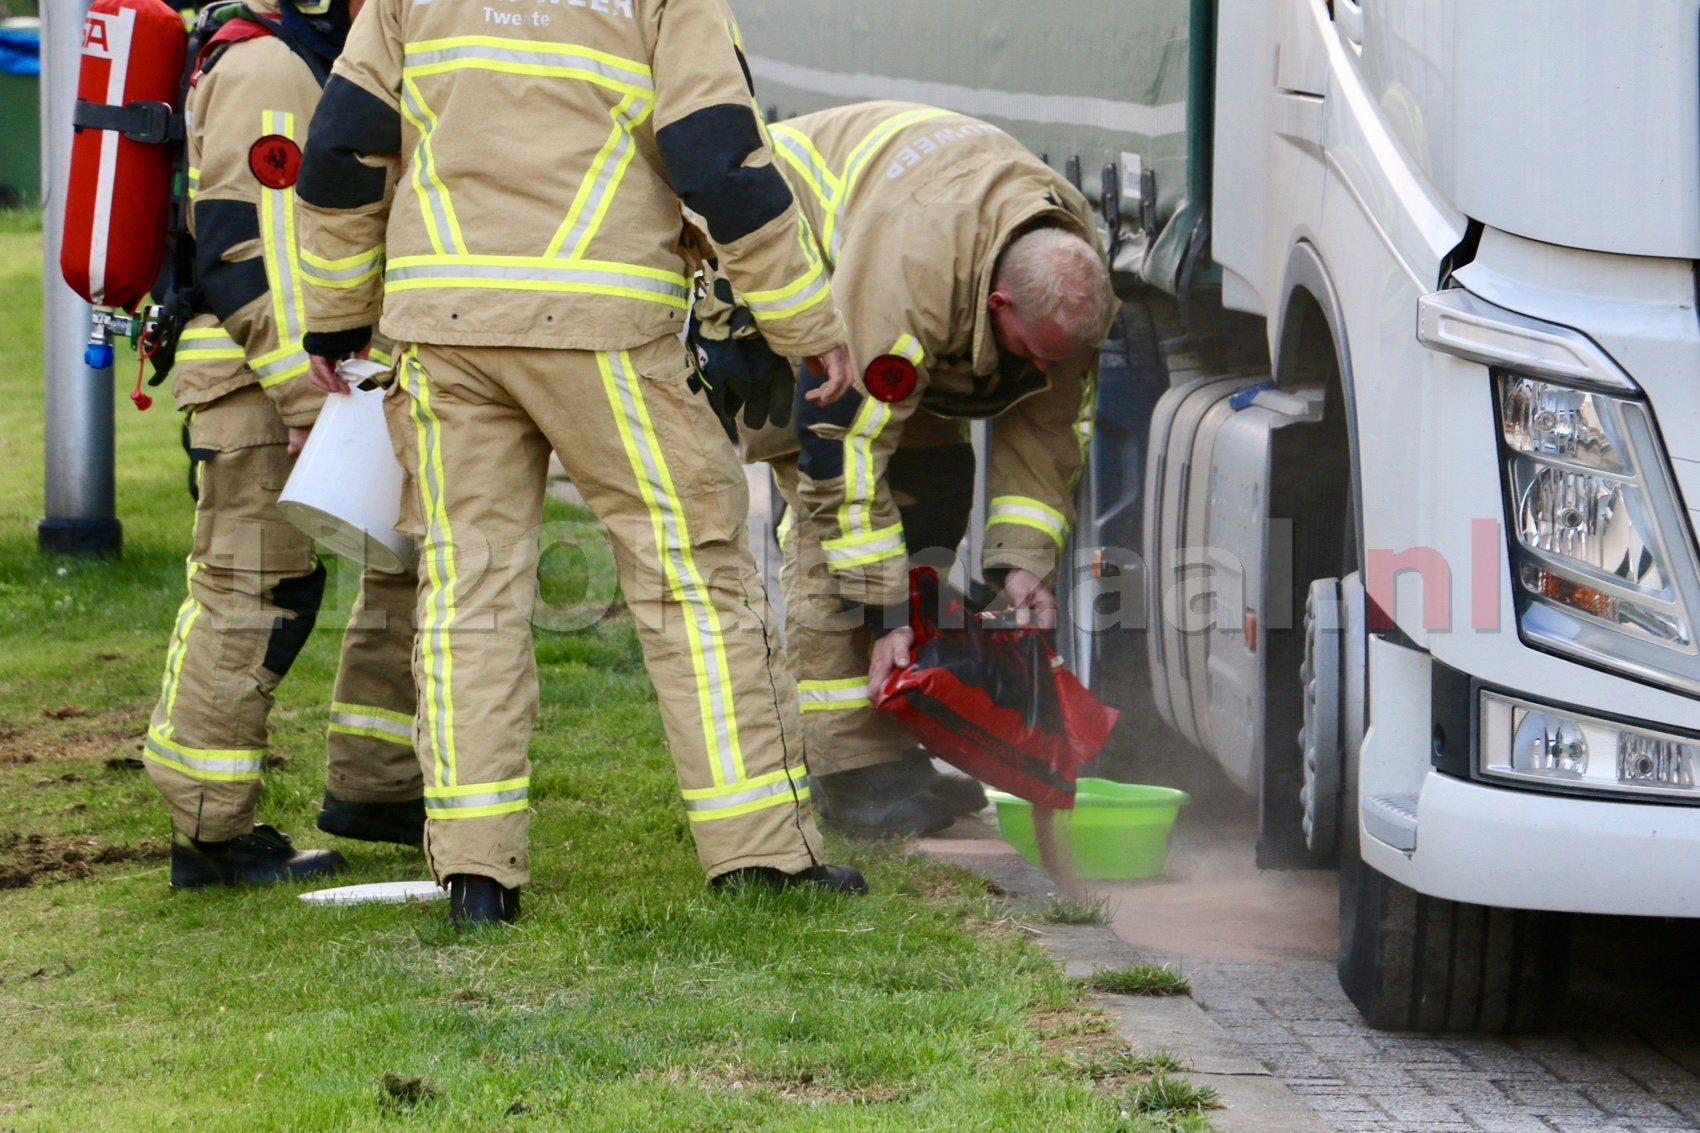 Brandweer Oldenzaal rukt uit voor lekkage onder vrachtwagen